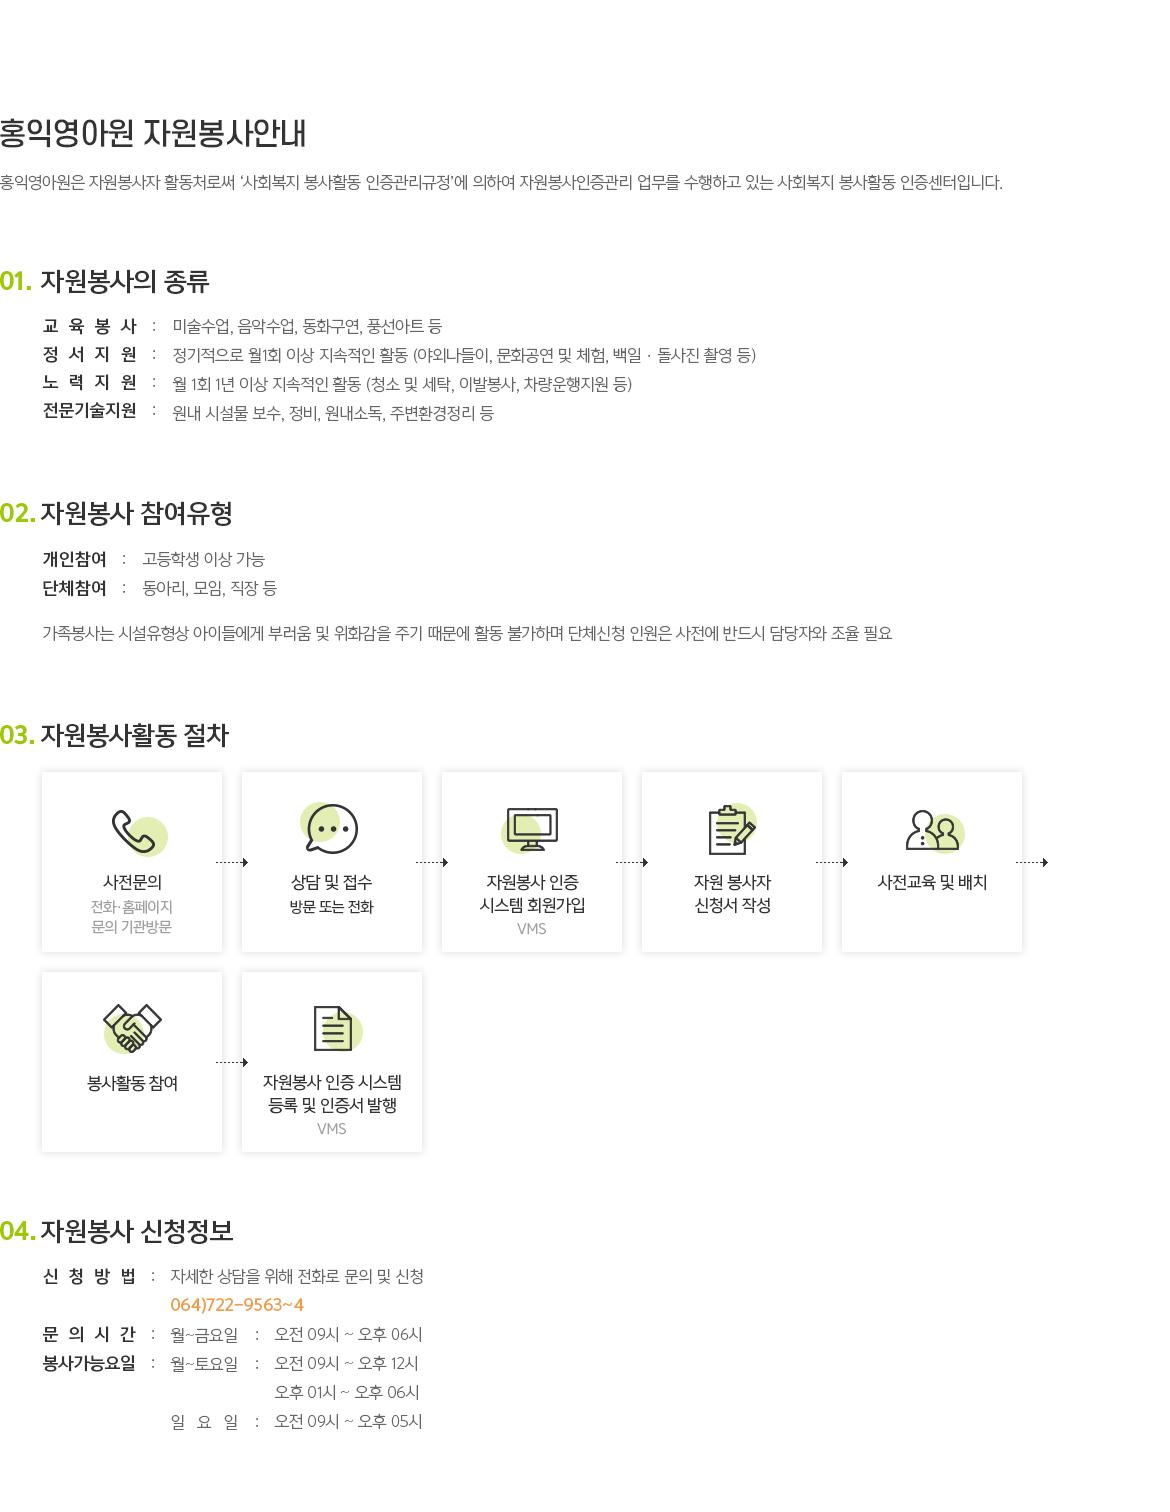 홍익영아원 자원봉사안내